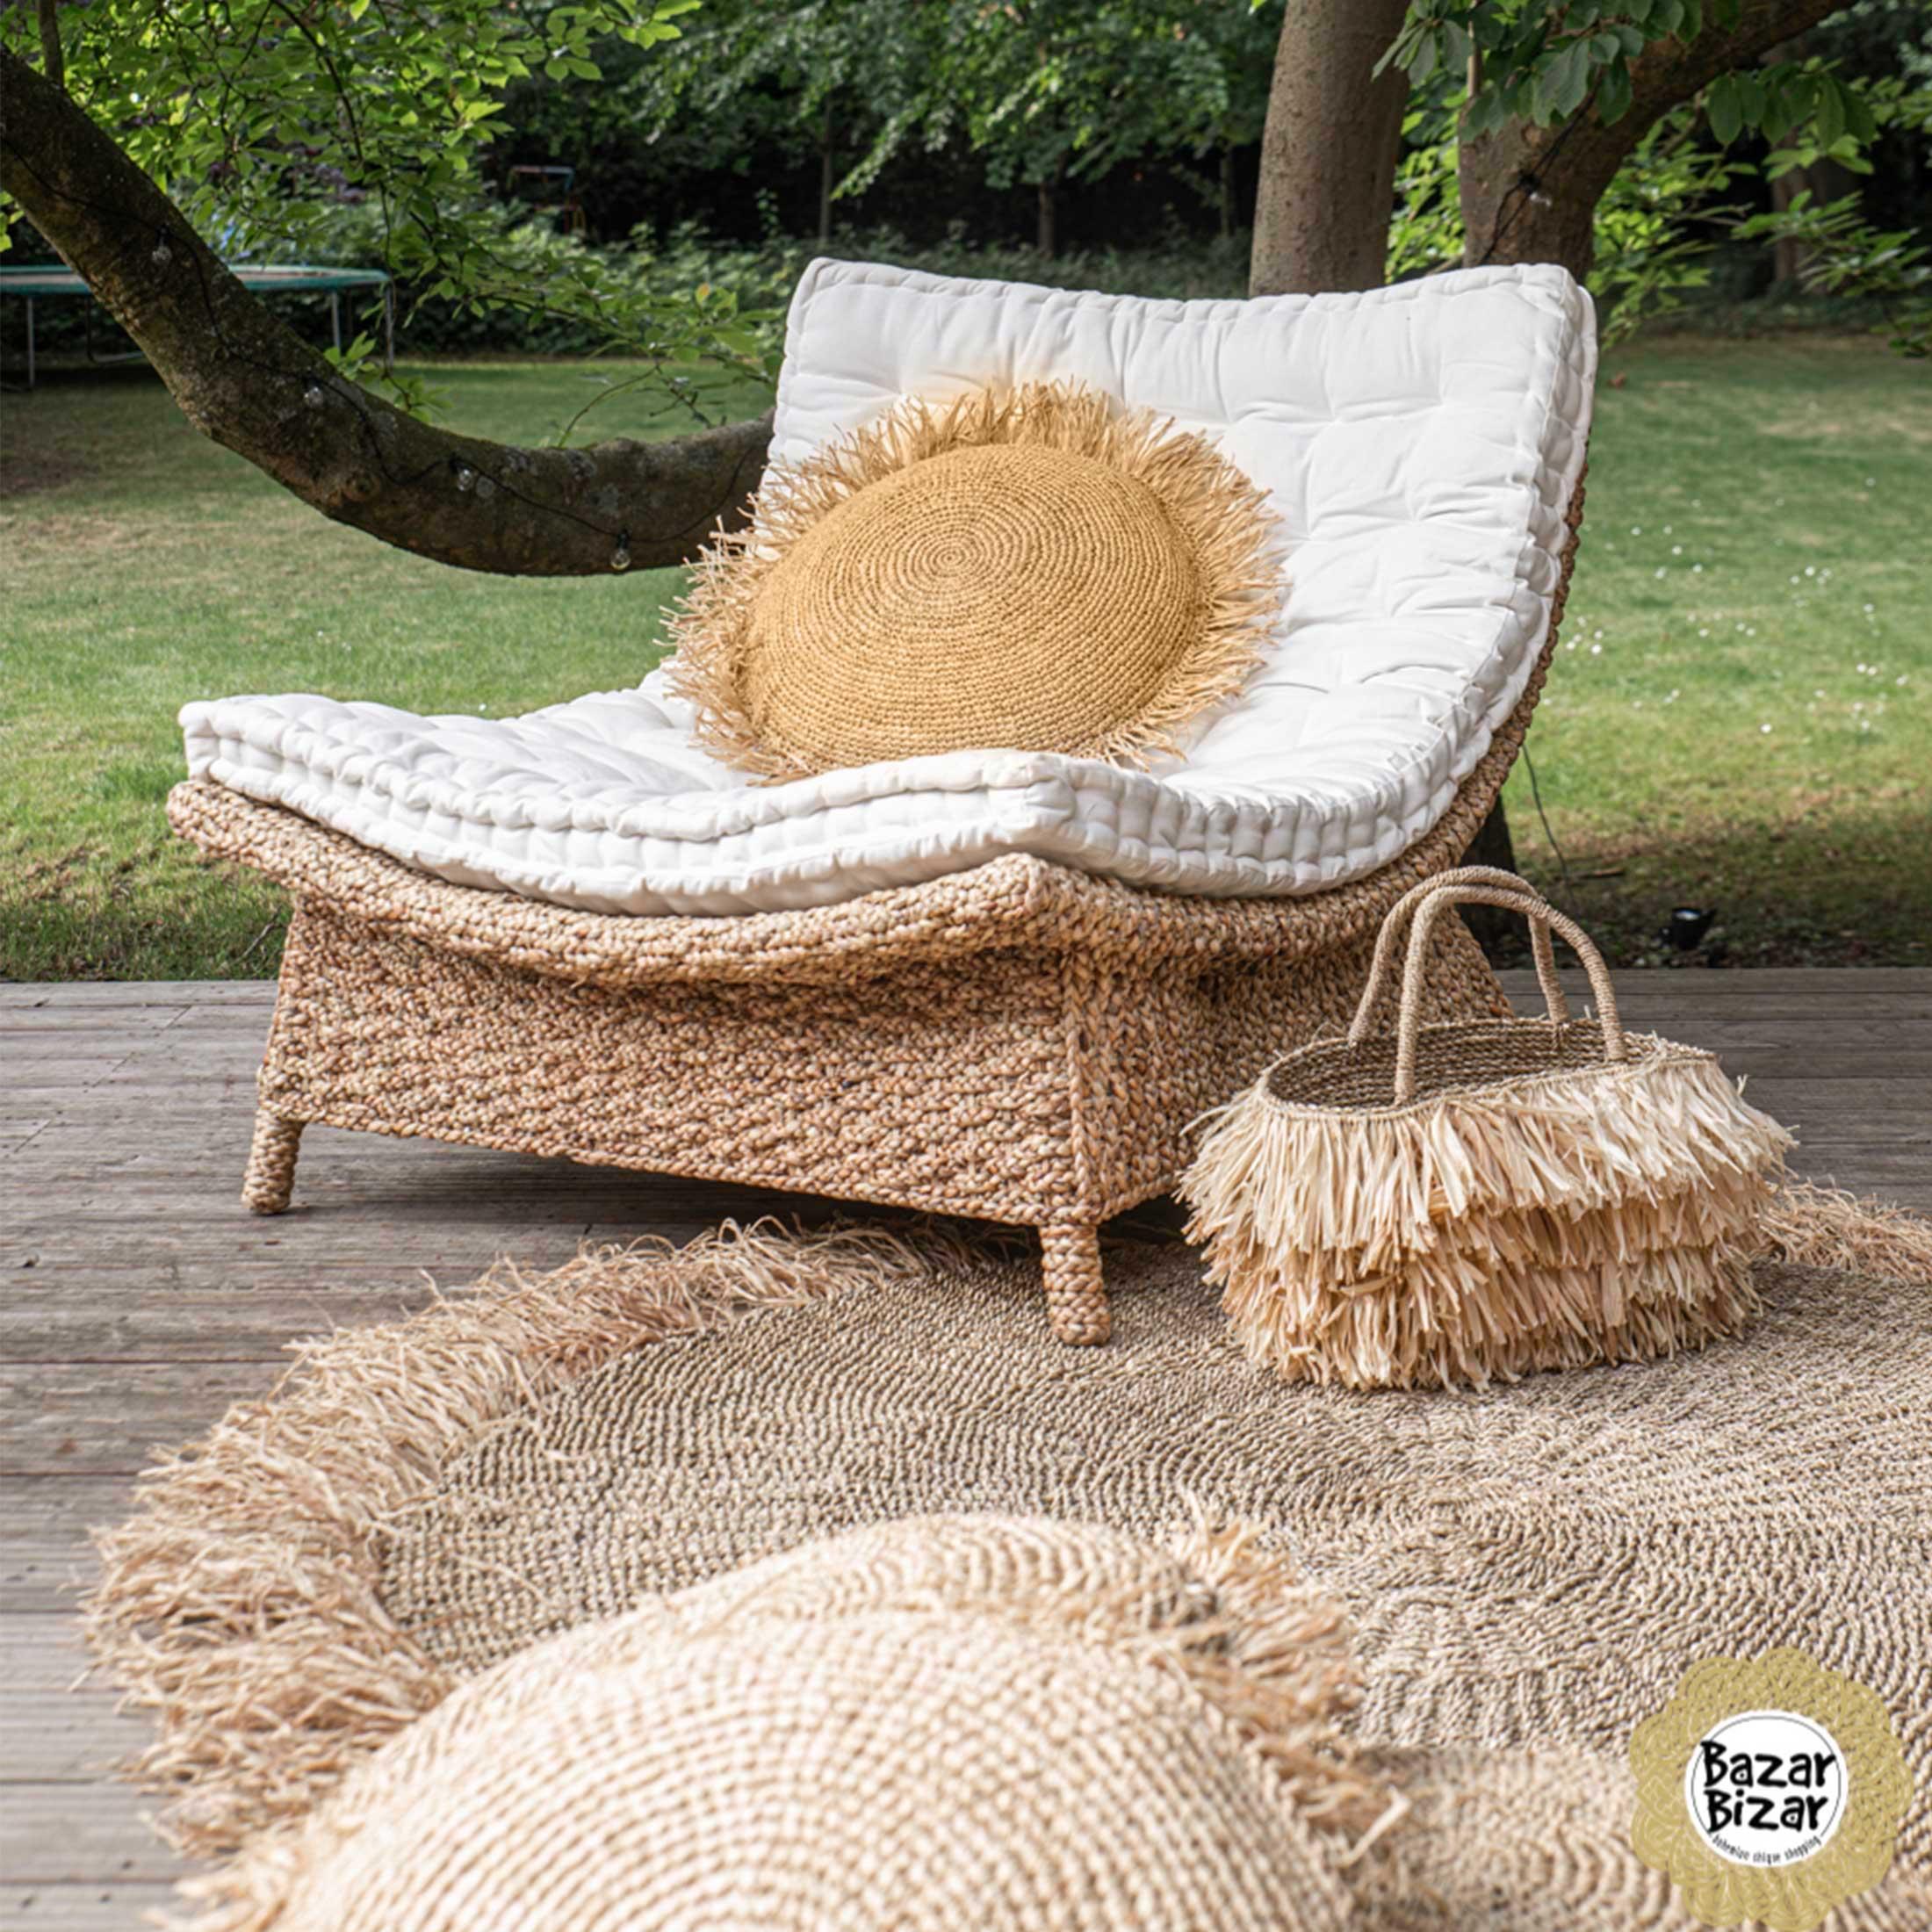 Rundes Kissen aus Bast in vielen Größen mit Kissenfüllung von der Trendigen Marke Bazar Bizar. Entdecken Sie die besonderen Deko Kissen für das Urlaubsflair